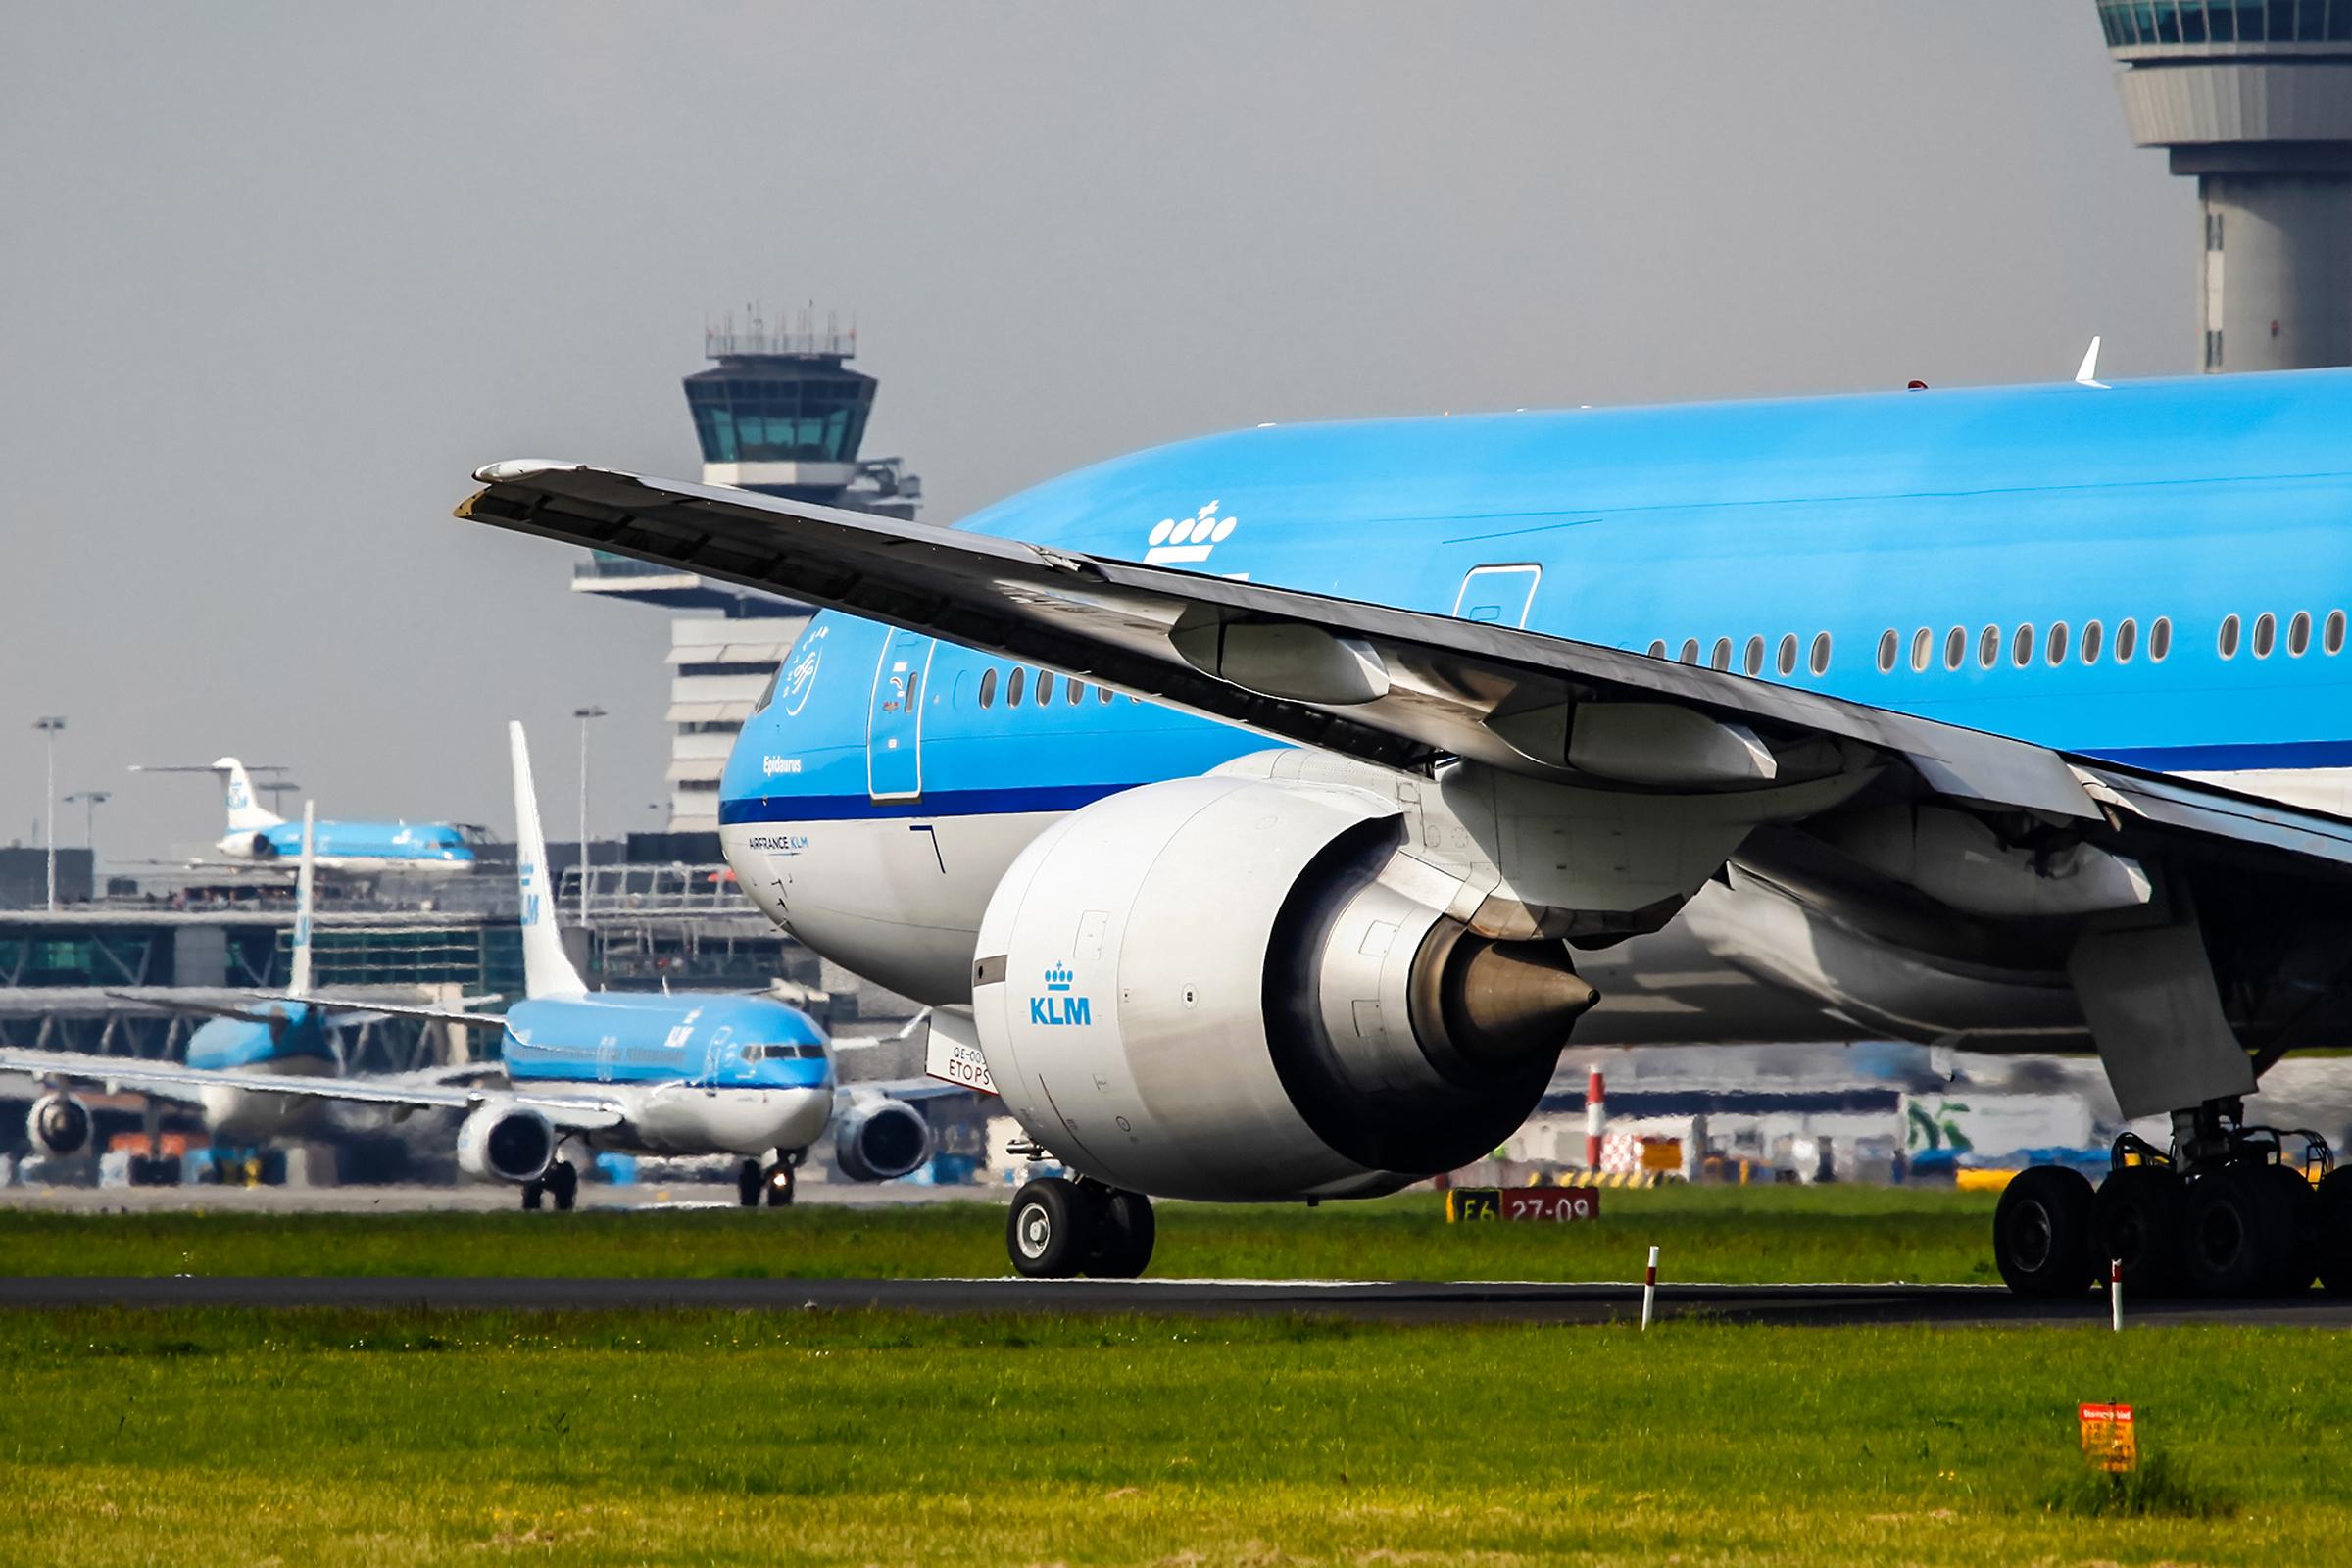 KLM har fået ørerne i maskinen efter selskabet på flyvning til Sydkorea opsatte skilt kun på koreansk om, at et af flyets toiletter kun måtte bruges af besætningen. KLM betjener typisk ruten mellem Amsterdam og Seoul med en Boeing B777. Pressefoto: KLM.